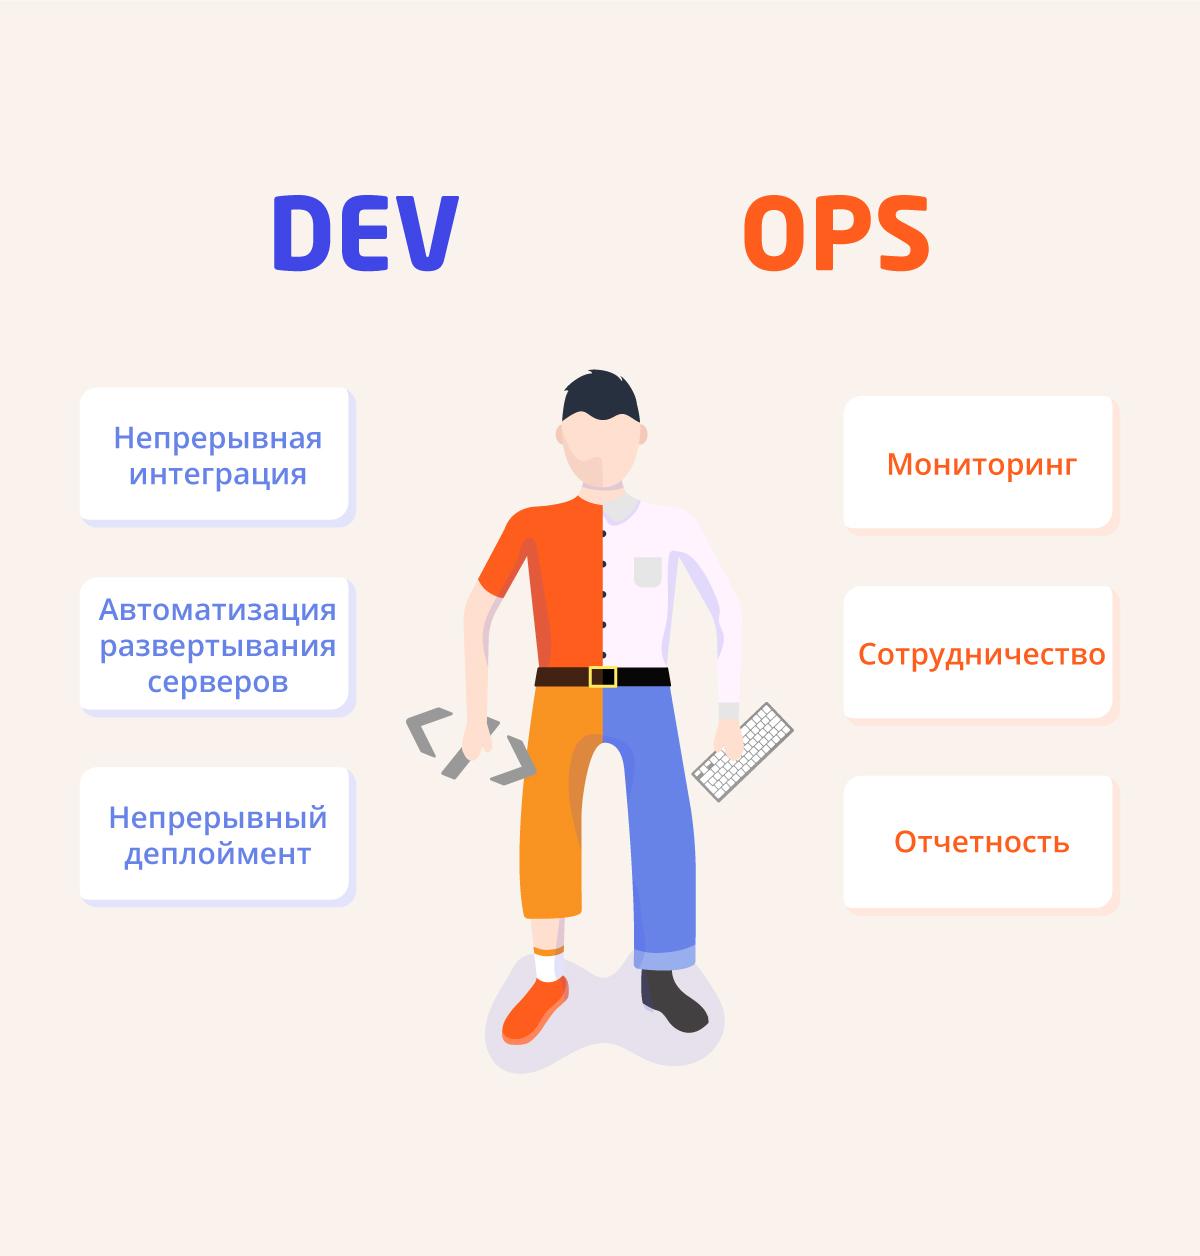 Из чего состоит DevOps